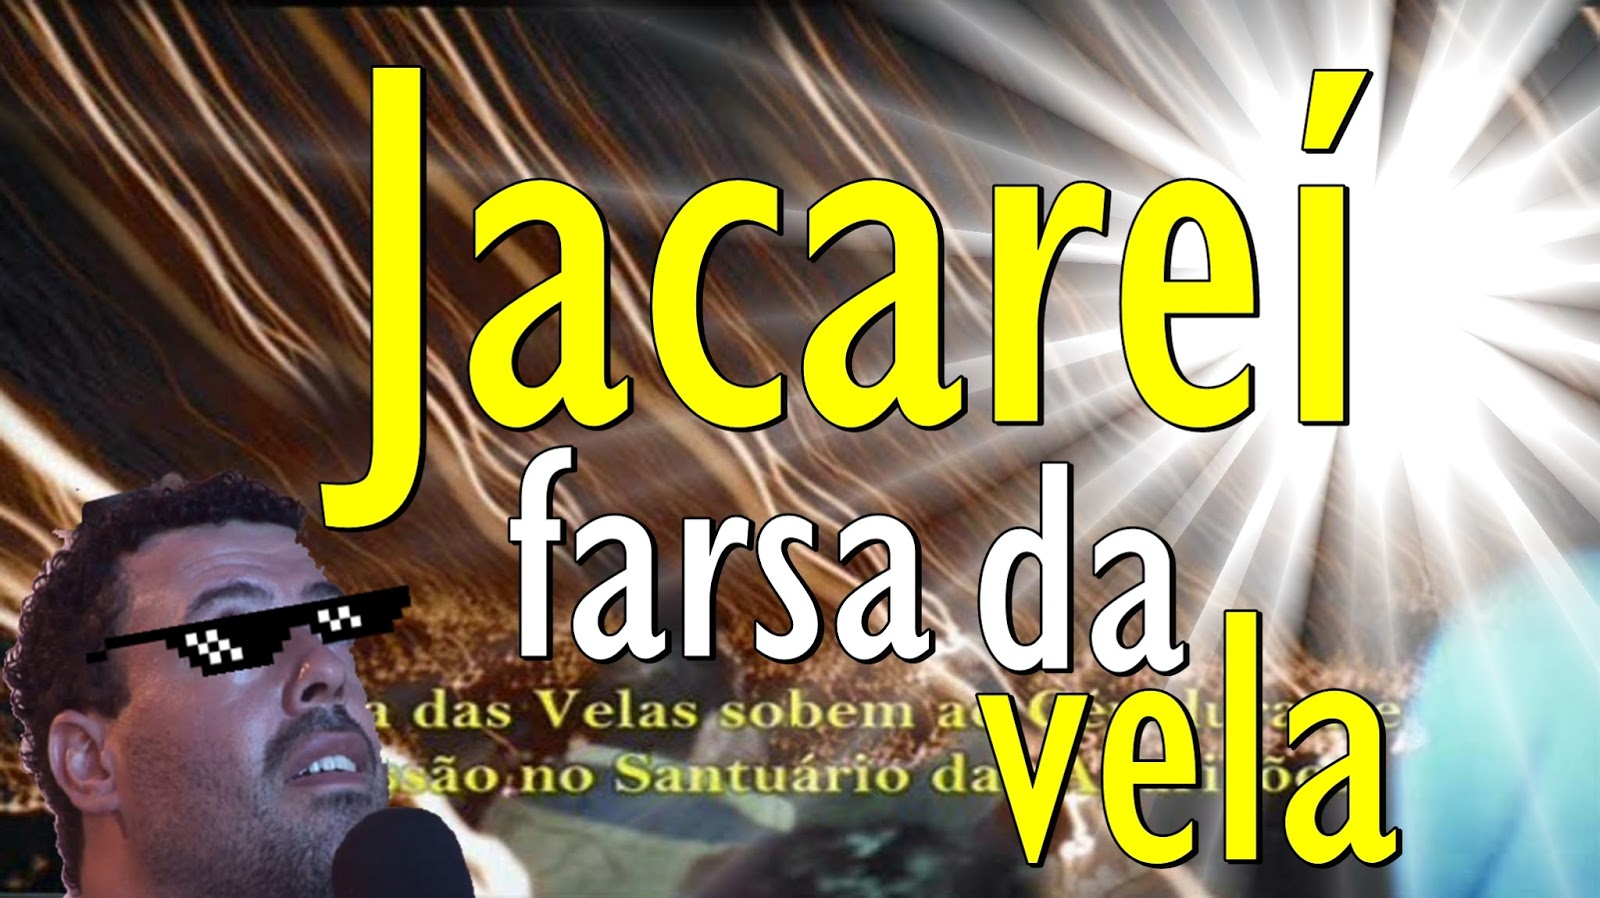 jacareiencantado.blogspot.com.br